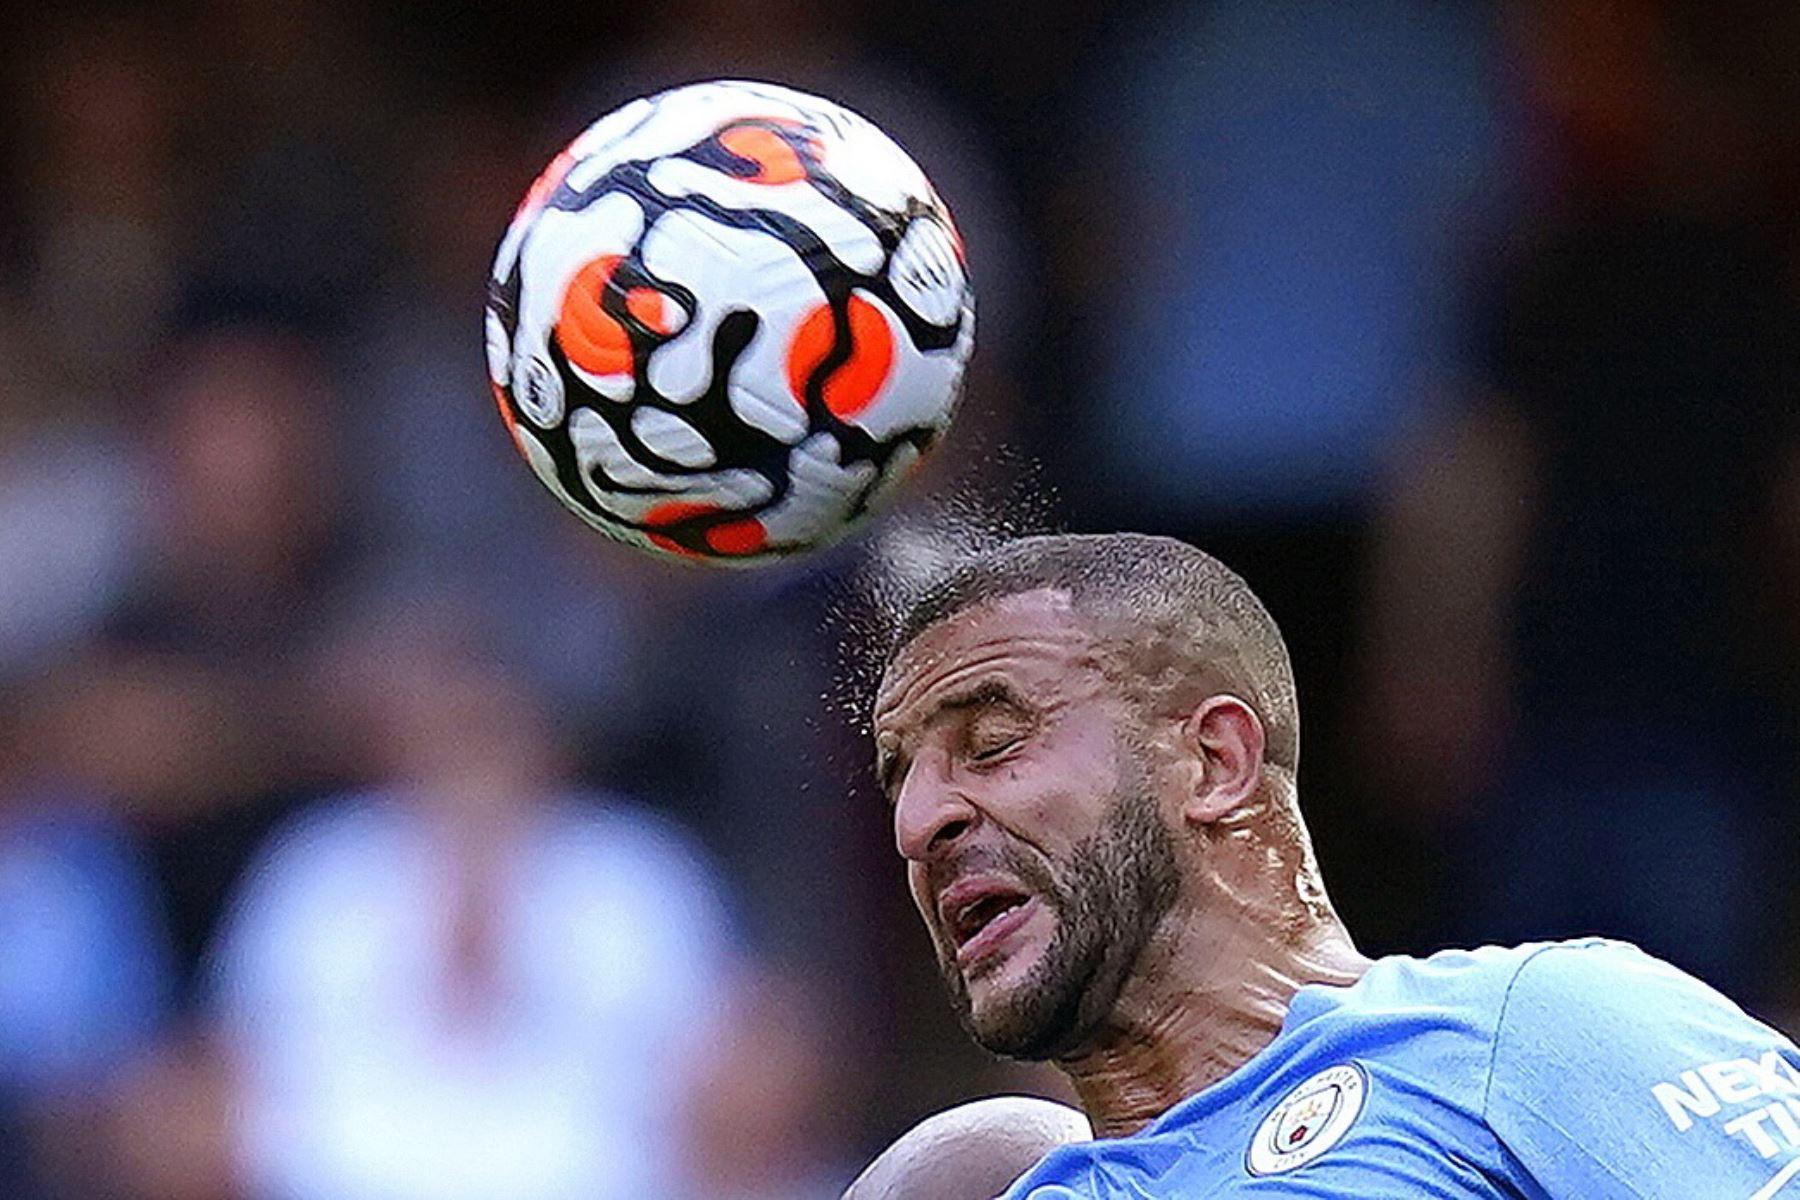 Kyle Walker del Manchester City en acción durante el partido de la Premier League. Foto: EFE